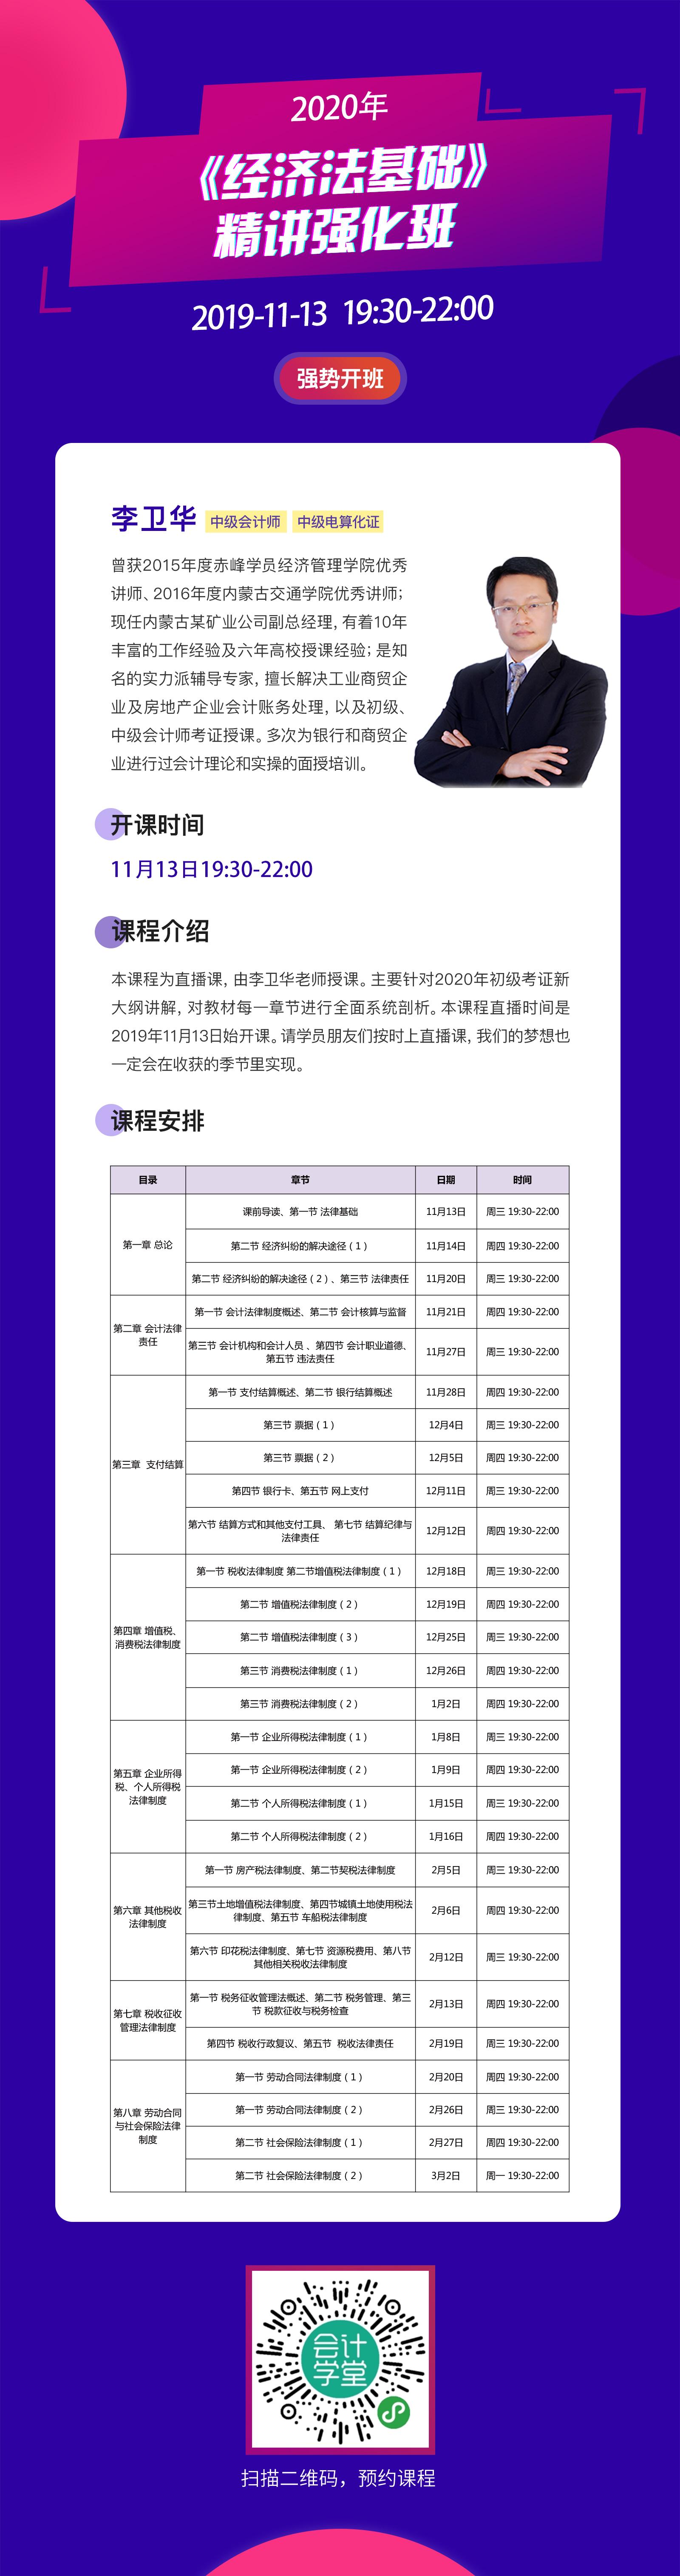 李衛華-2020《經濟法基礎》精講強化班.jpg